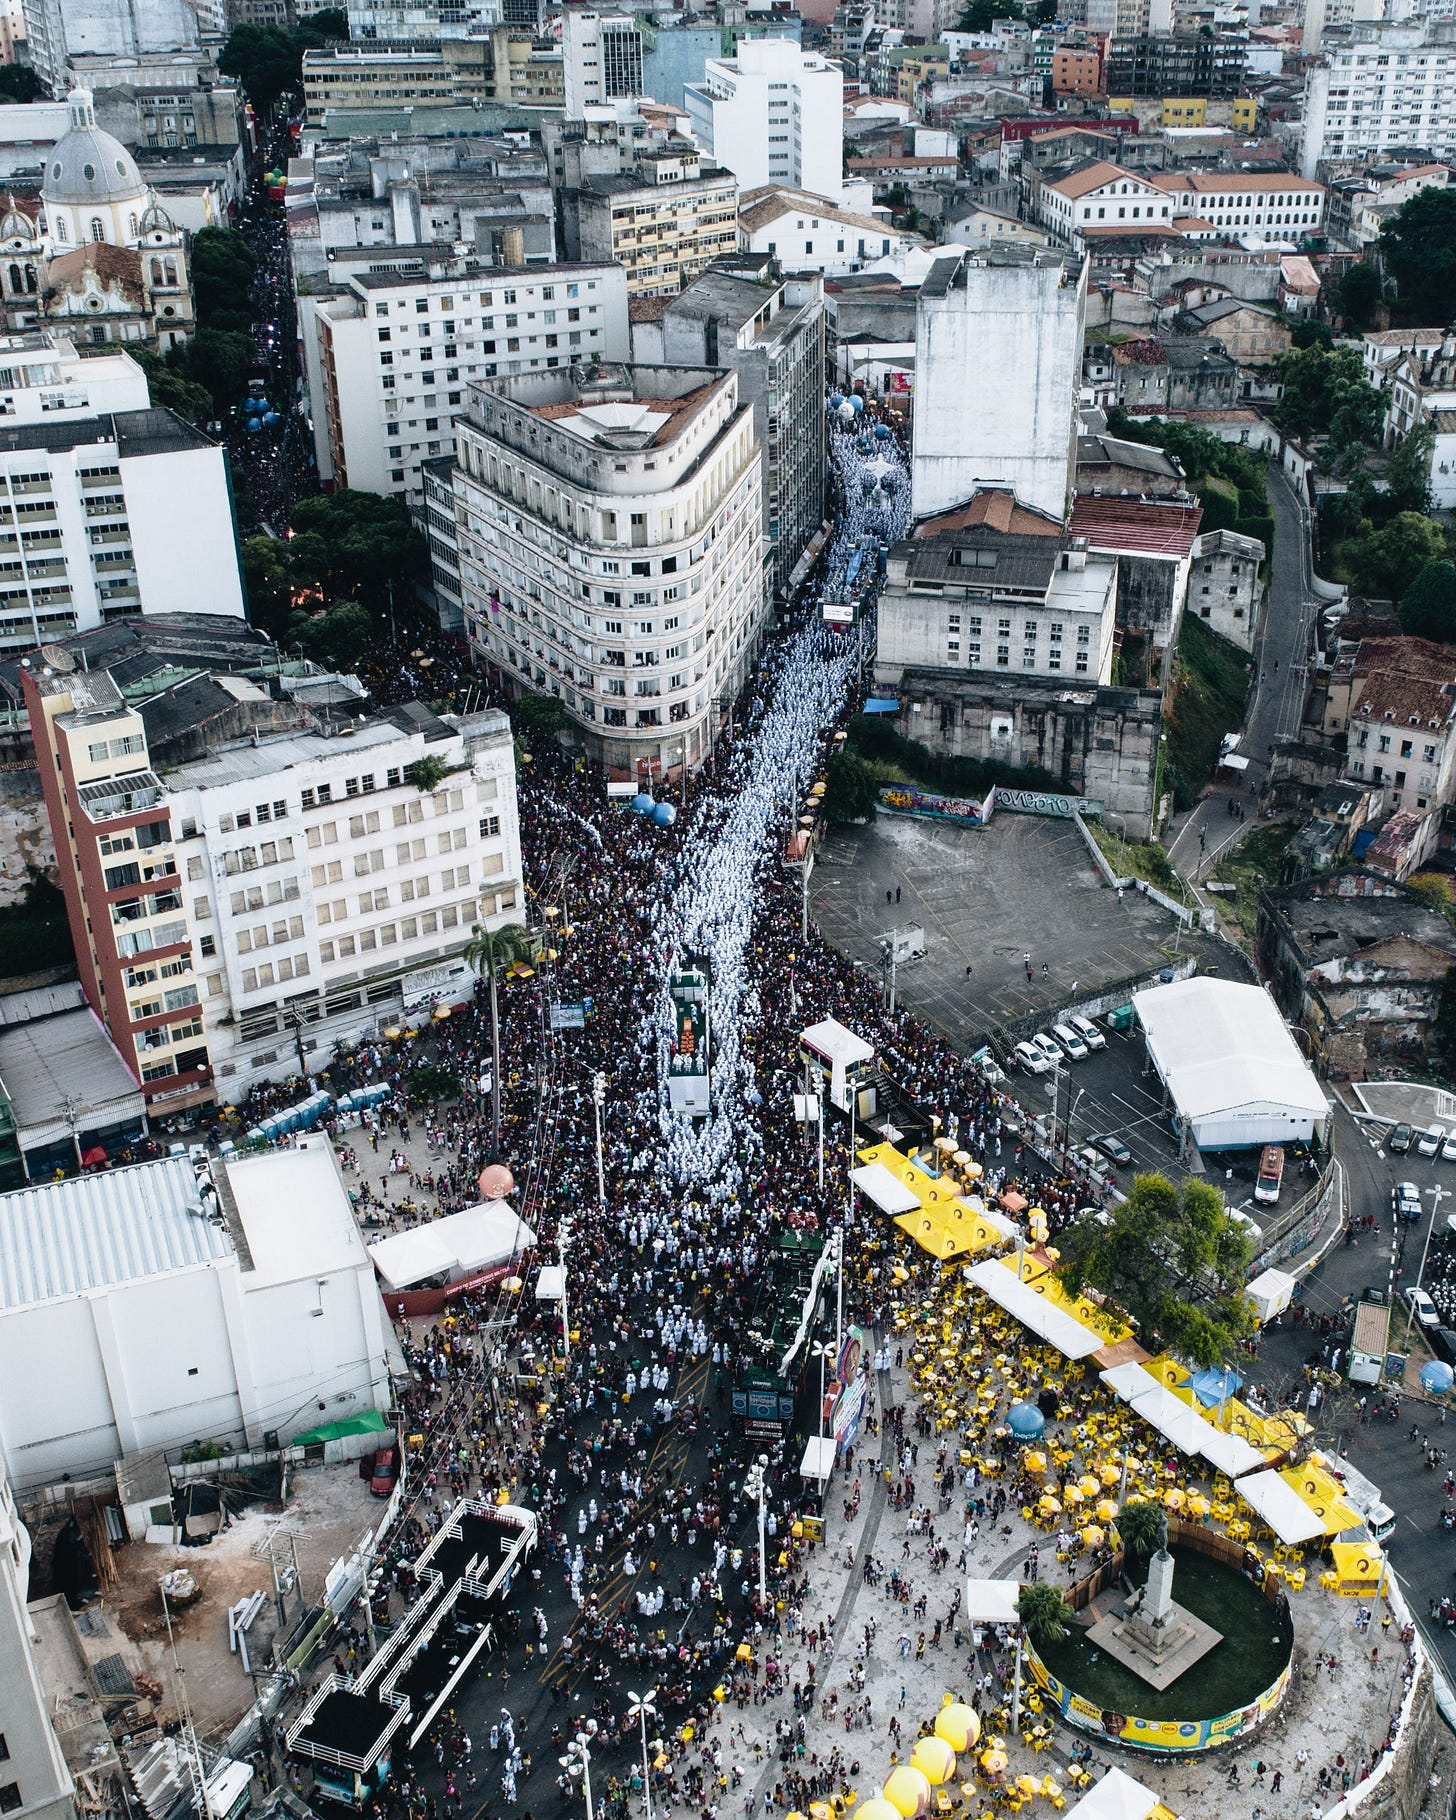 Fotografia aérea de Slavador em um dia de carnaval: as ruas apinhadas de gente, prédios, um sem-fim de paisagem urbana típica